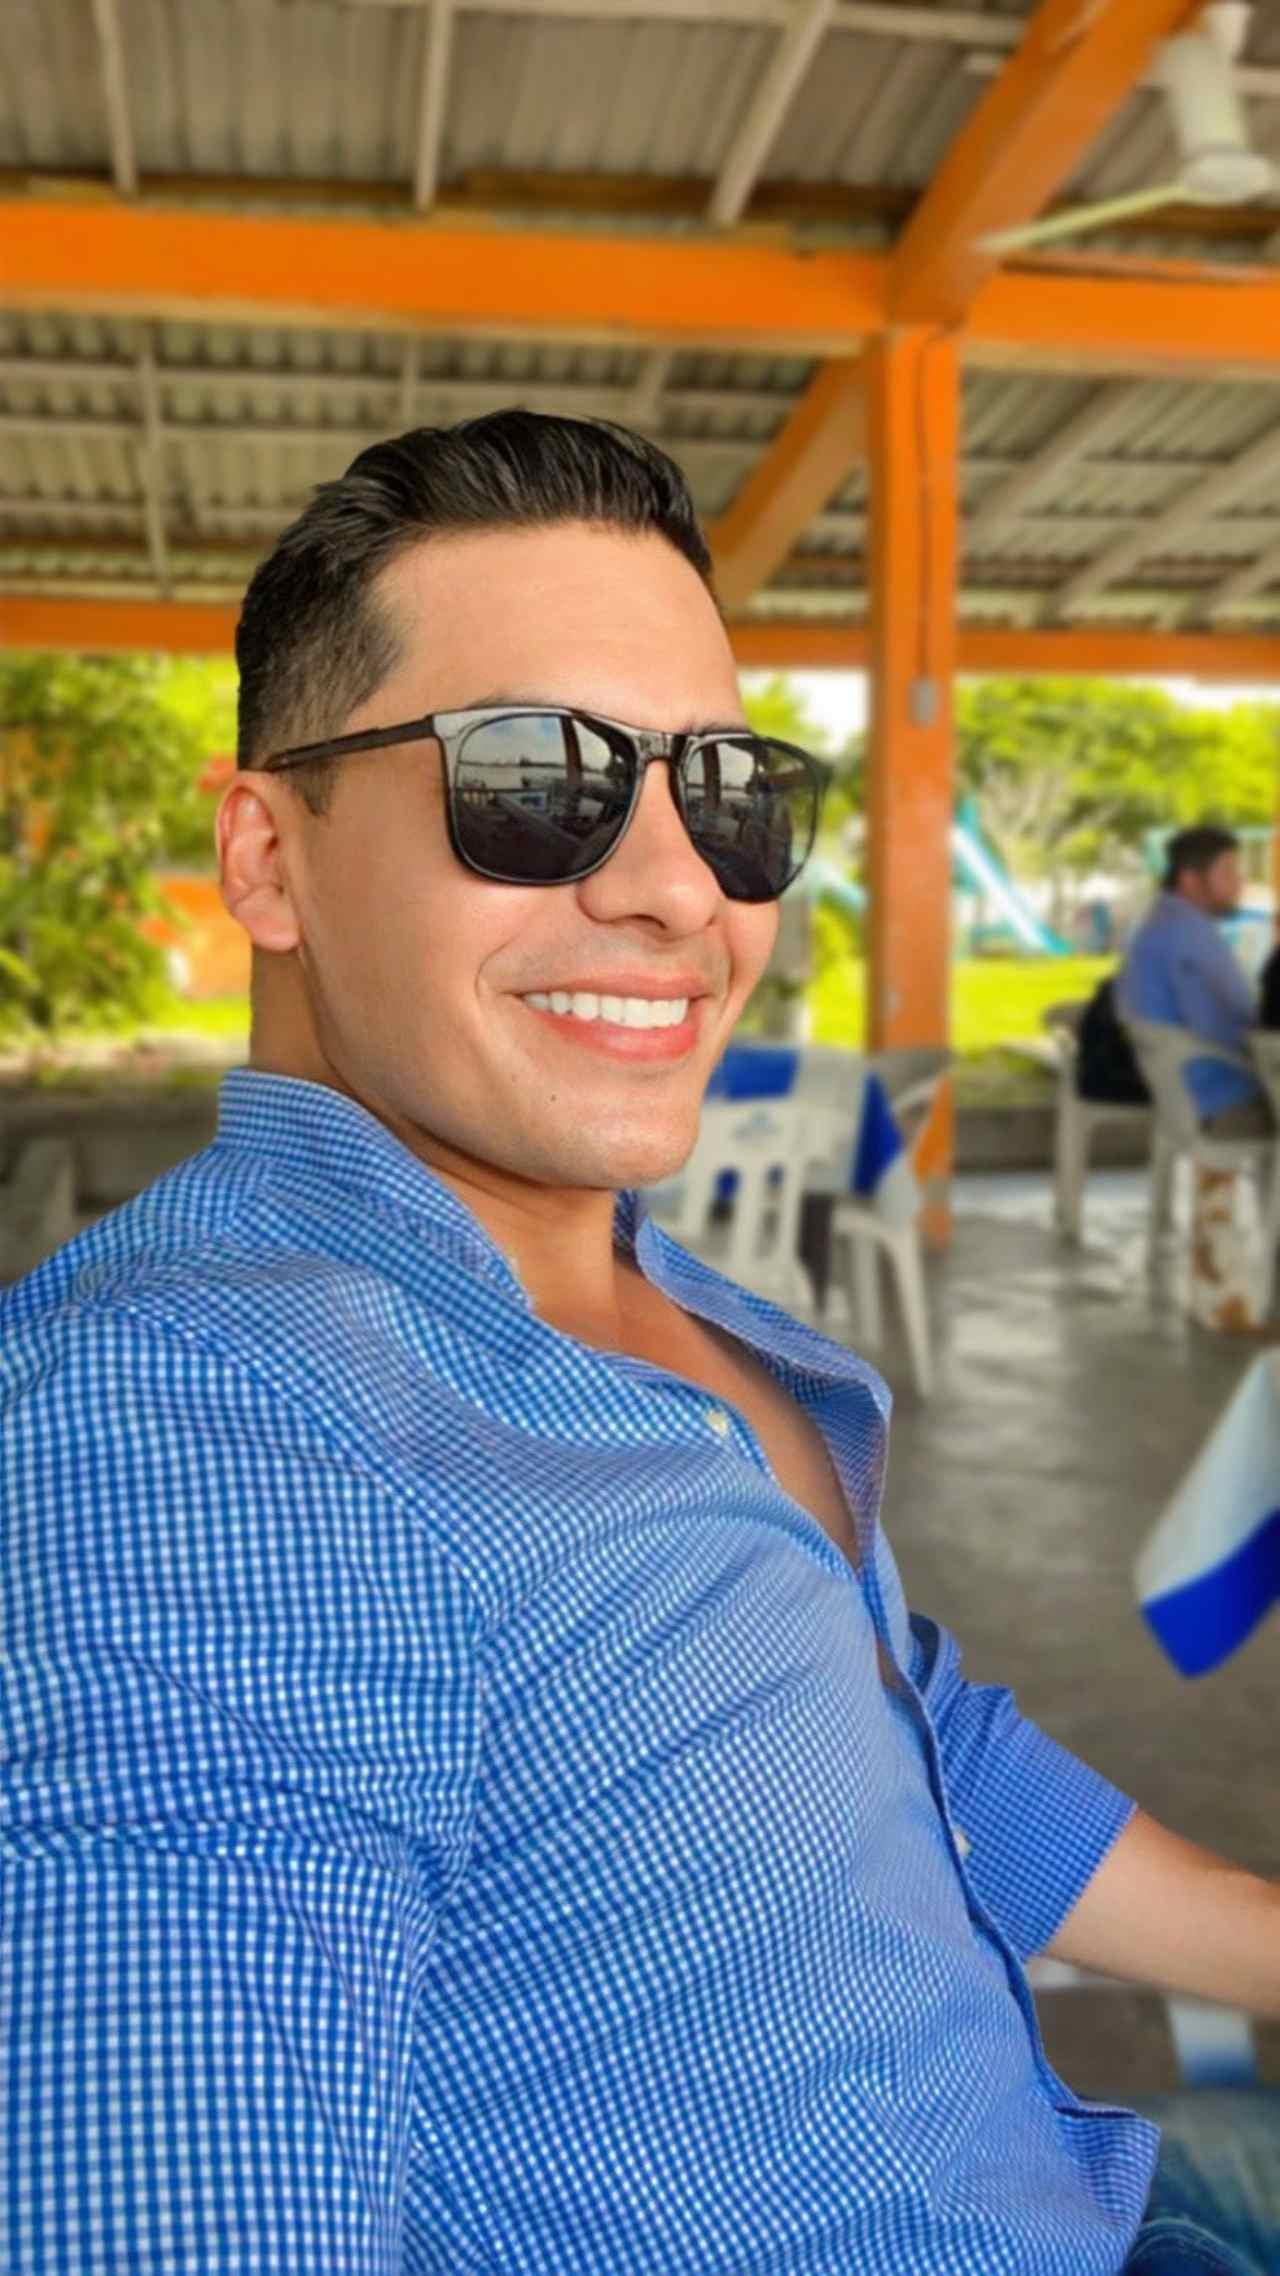 Trabajador pemex gay doble Carlos Rivera